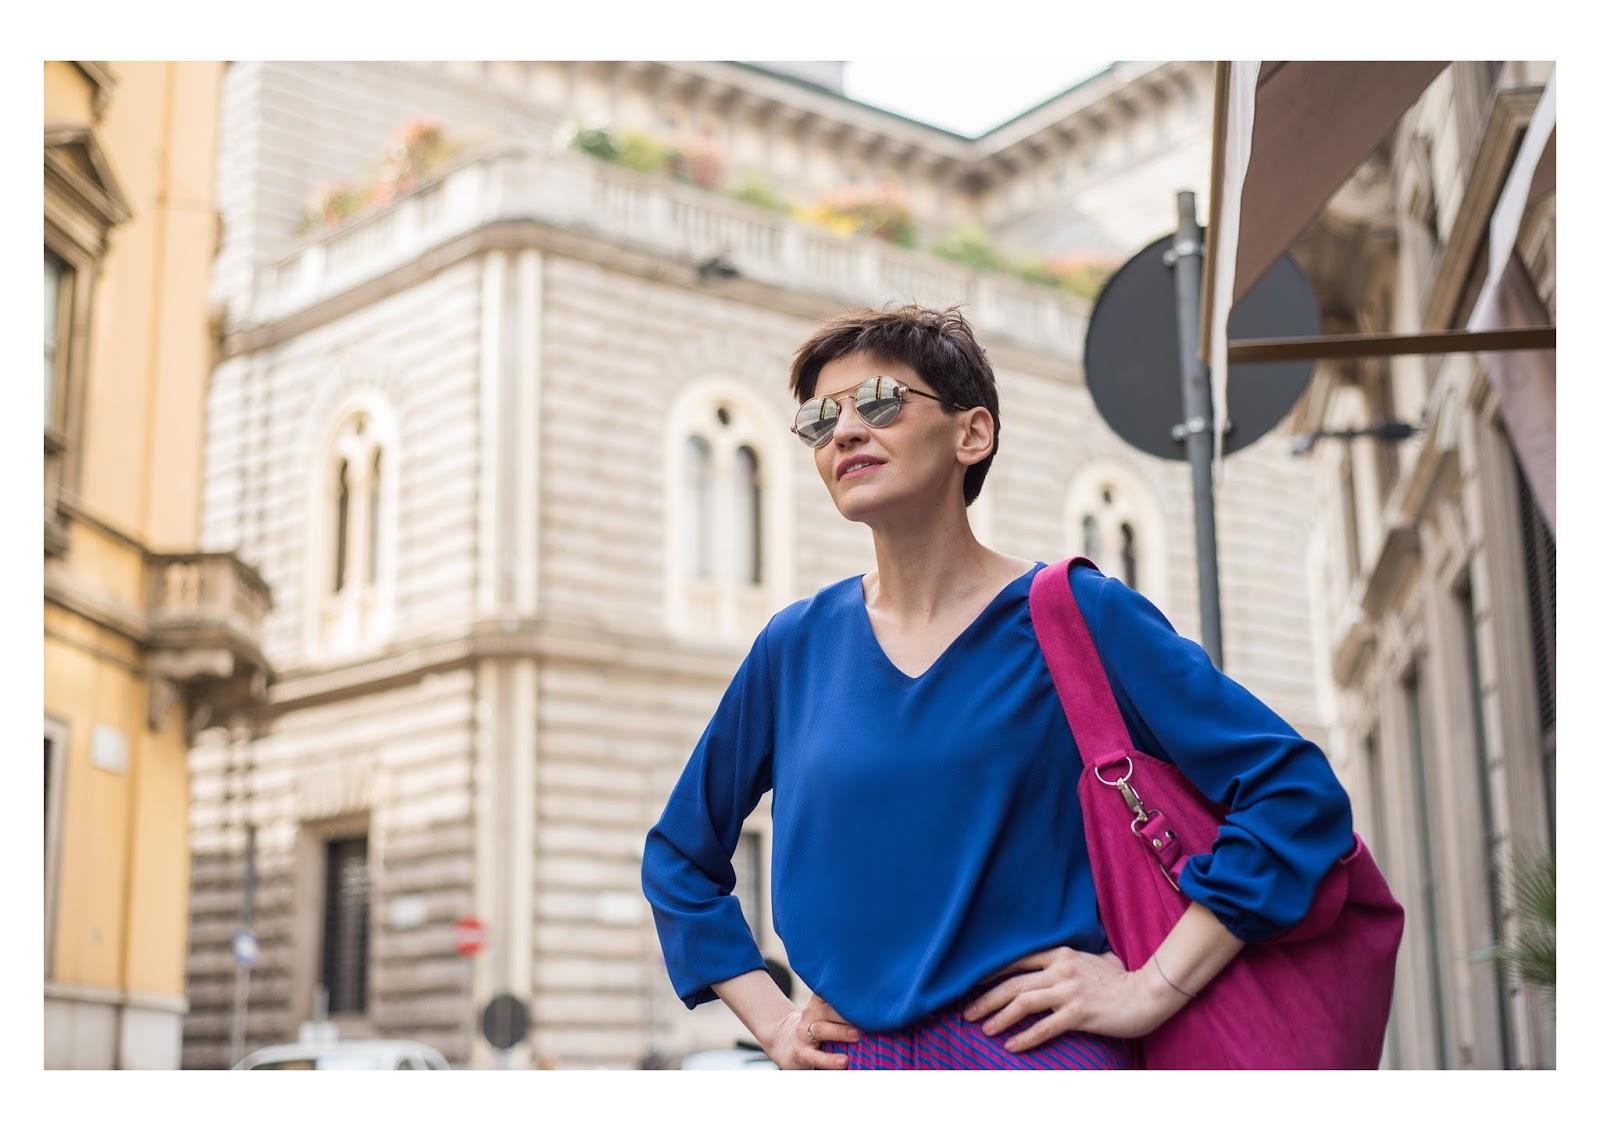 maxi spódnica, plisowana spódnica, maxi, kolorowa stylizacja, kolorowa torebka, blogerka, stylistka poznań, mediolan, milano fashion, shopper bag, denim, kurtka, denim jacket,